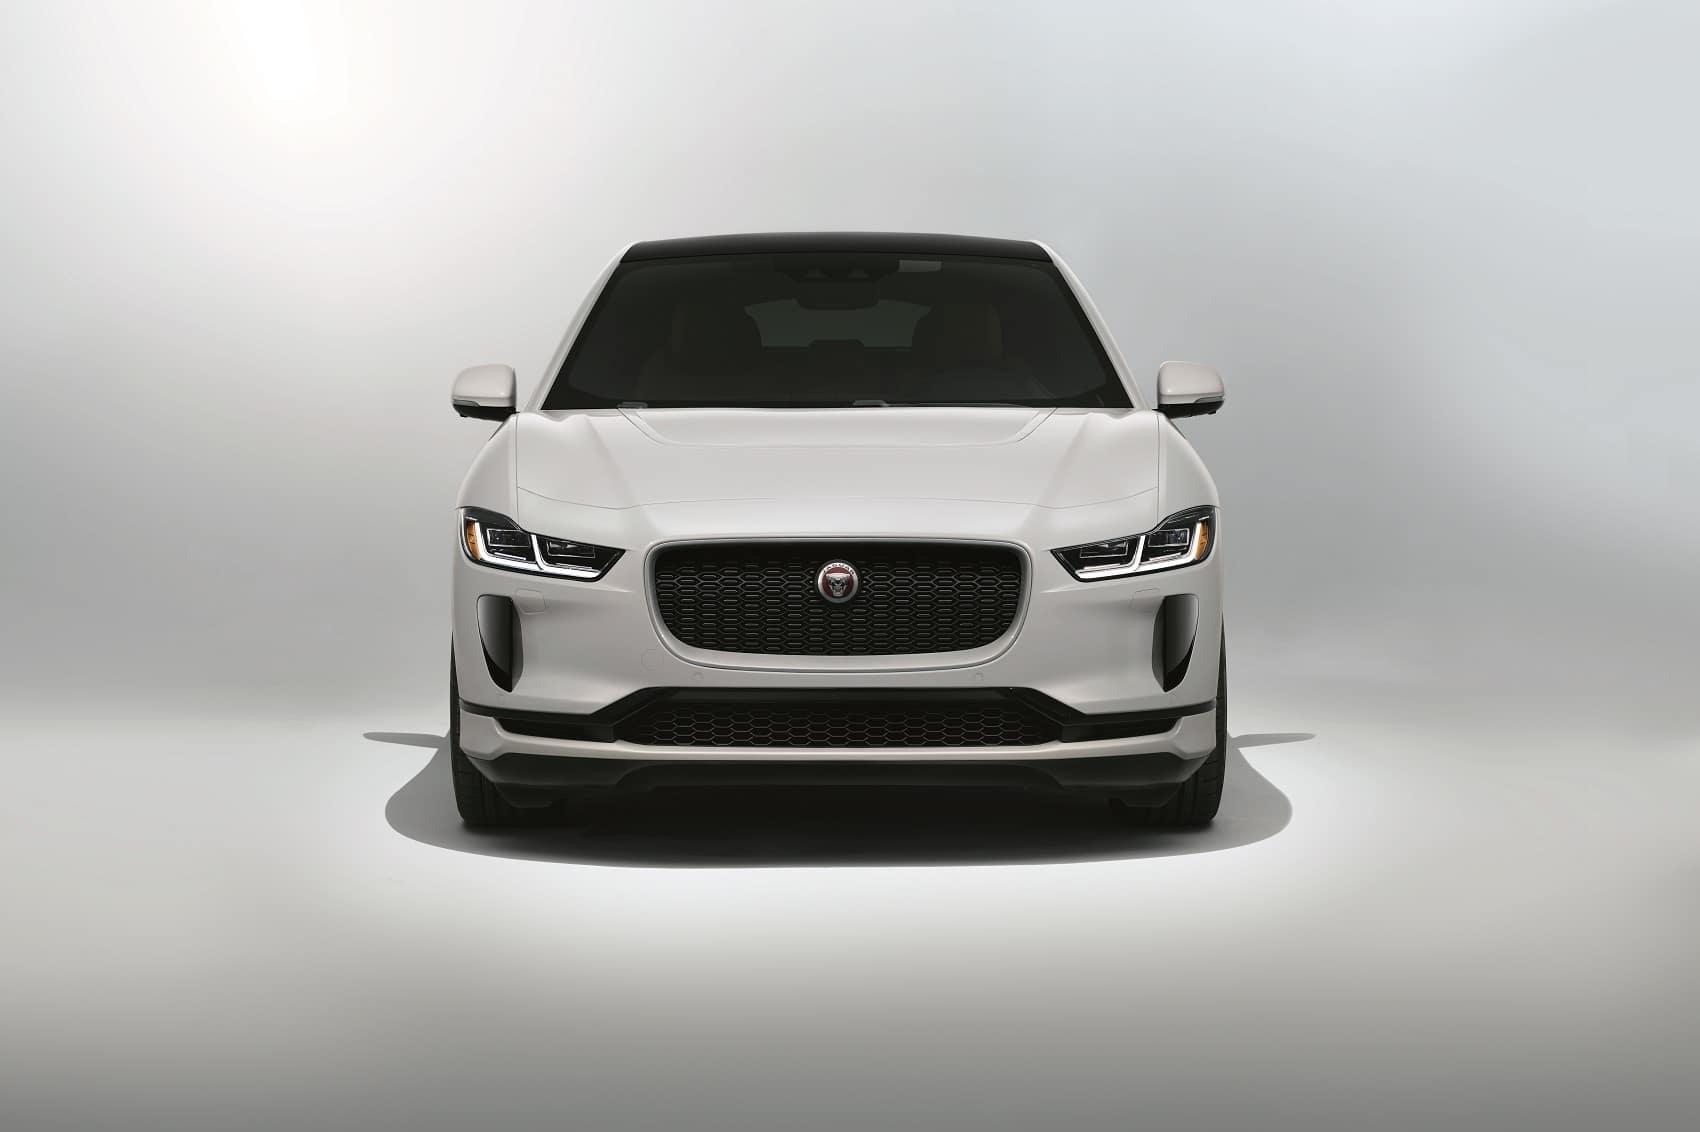 2019 Jaguar I-Pace Front End